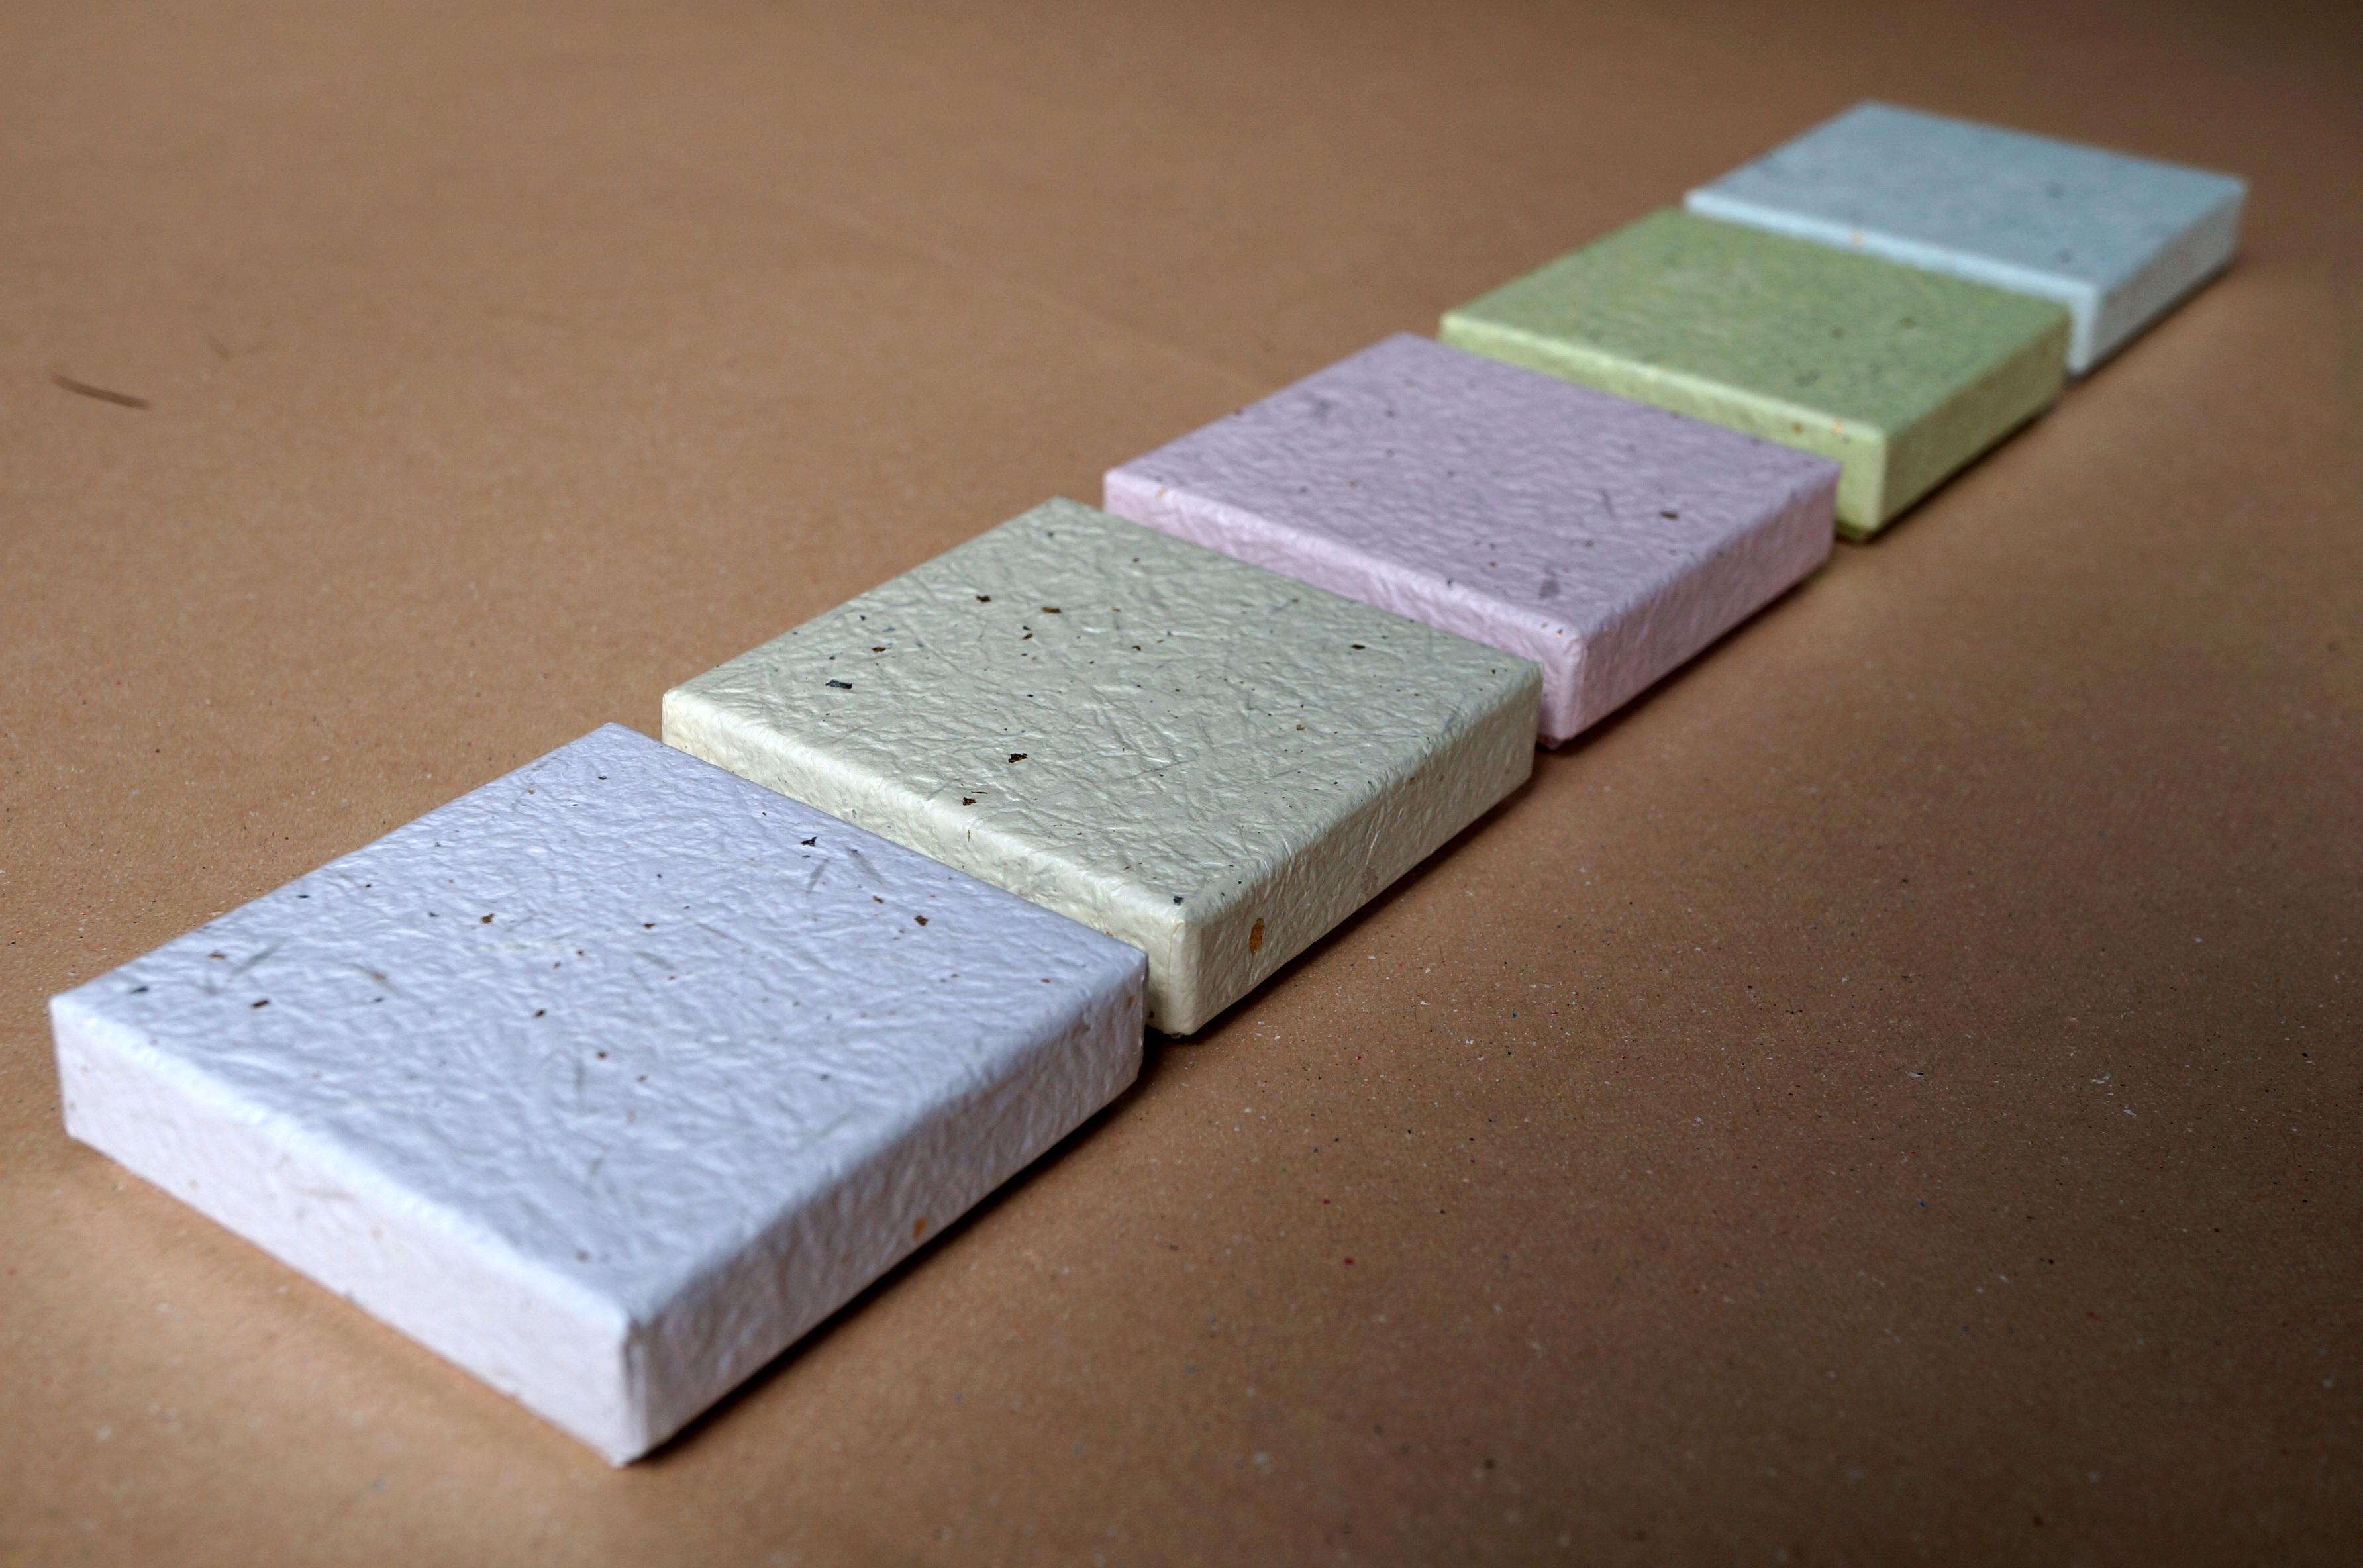 商品のイメージに合わせ、5色のもみ紙で新商品用の小さな貼り箱を別注にて作製しました。